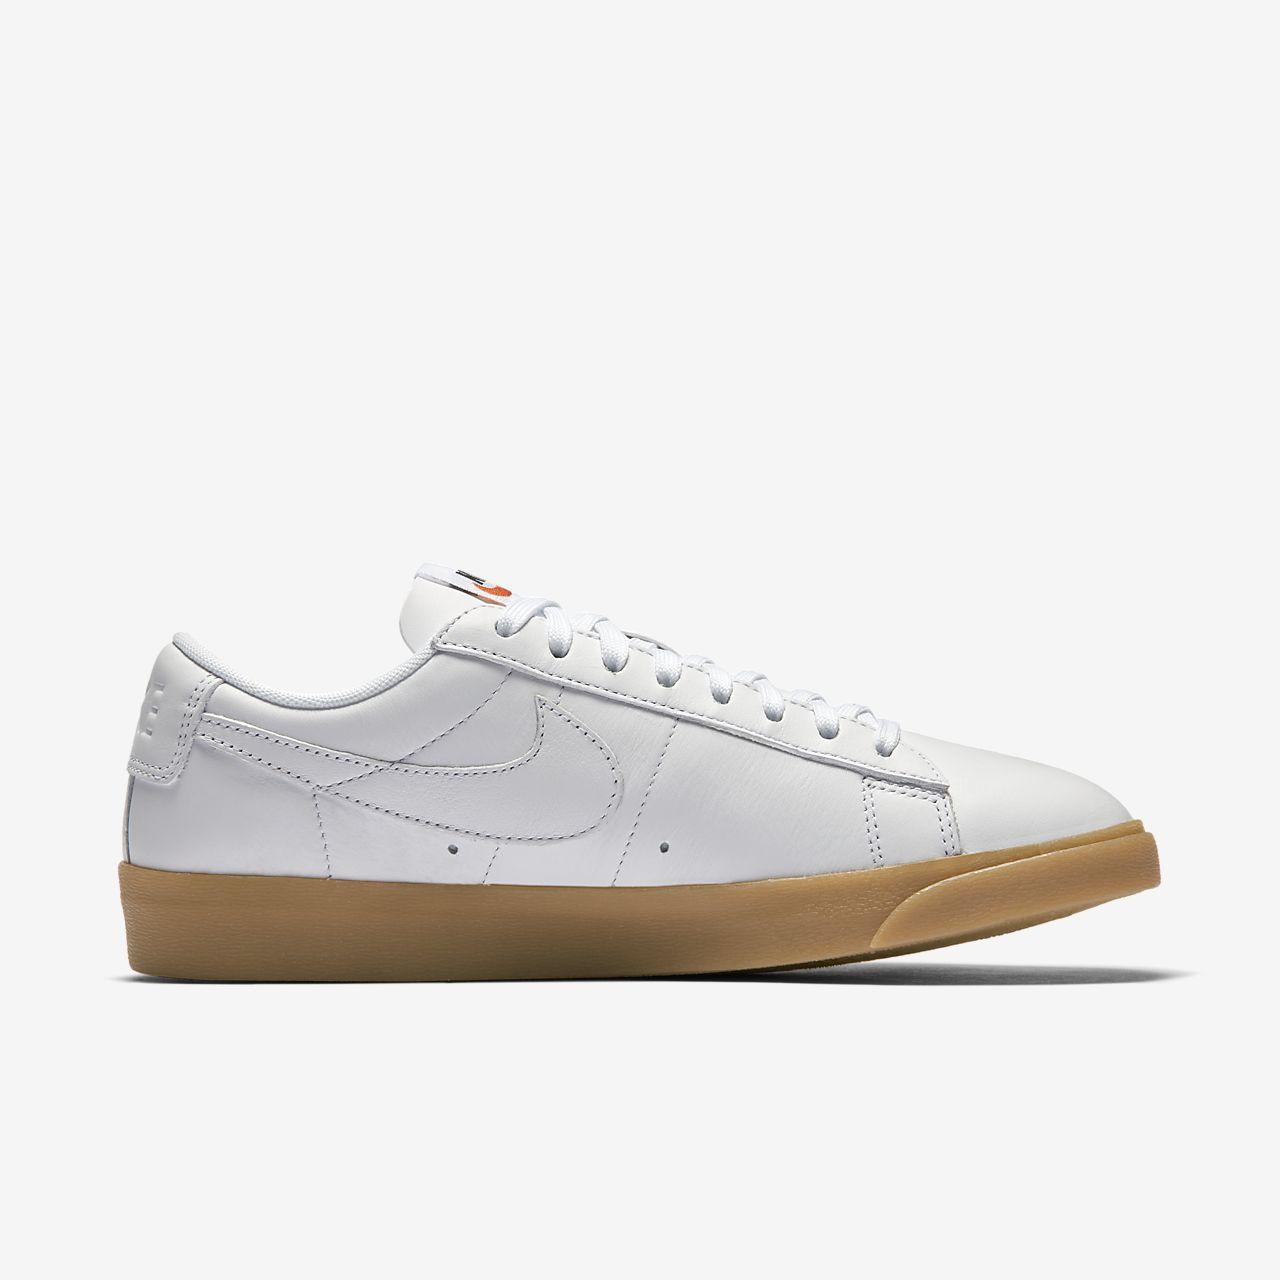 Nike Blazer Premium Bas Qs Combinaison Des Femmes De